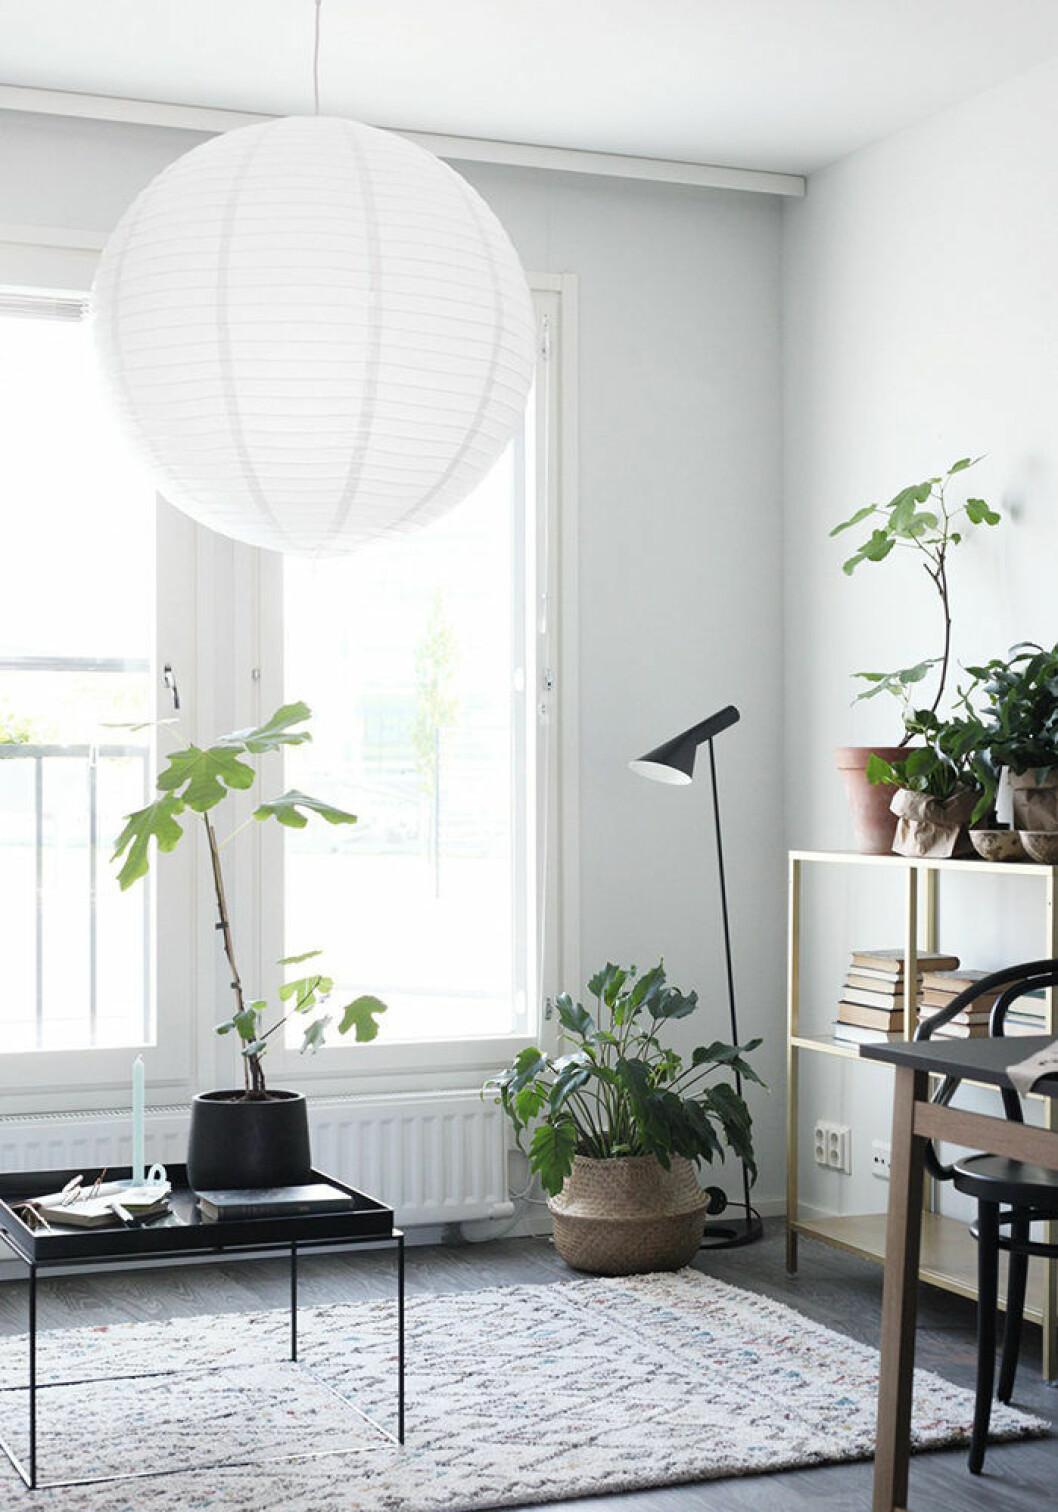 Stor lampa i rispapper i ett rum med balkong och växter